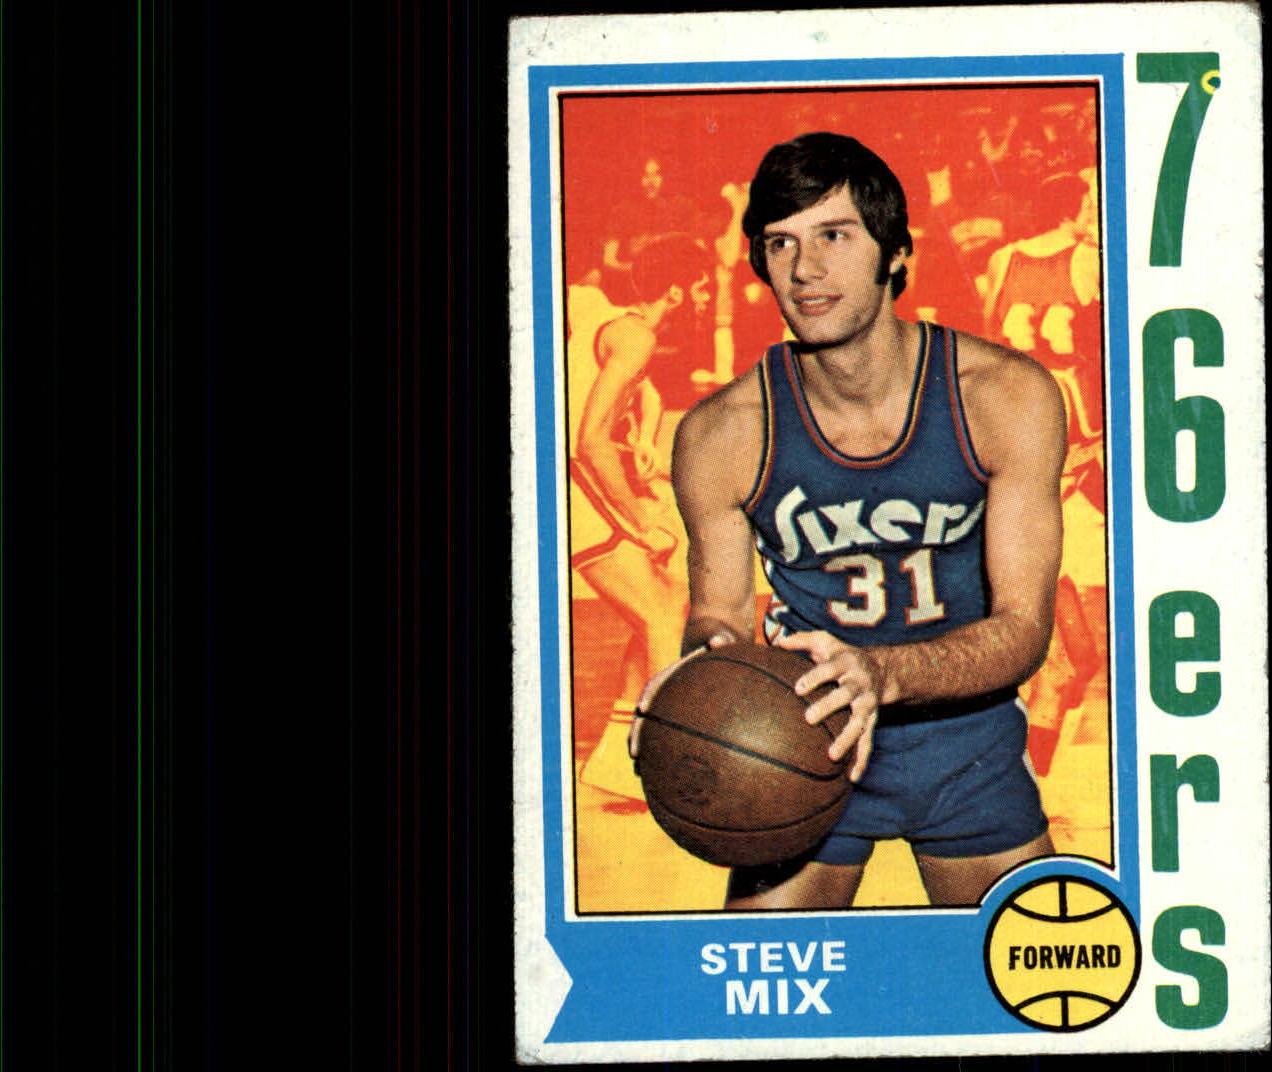 1974-75 Topps #56 Steve Mix RC